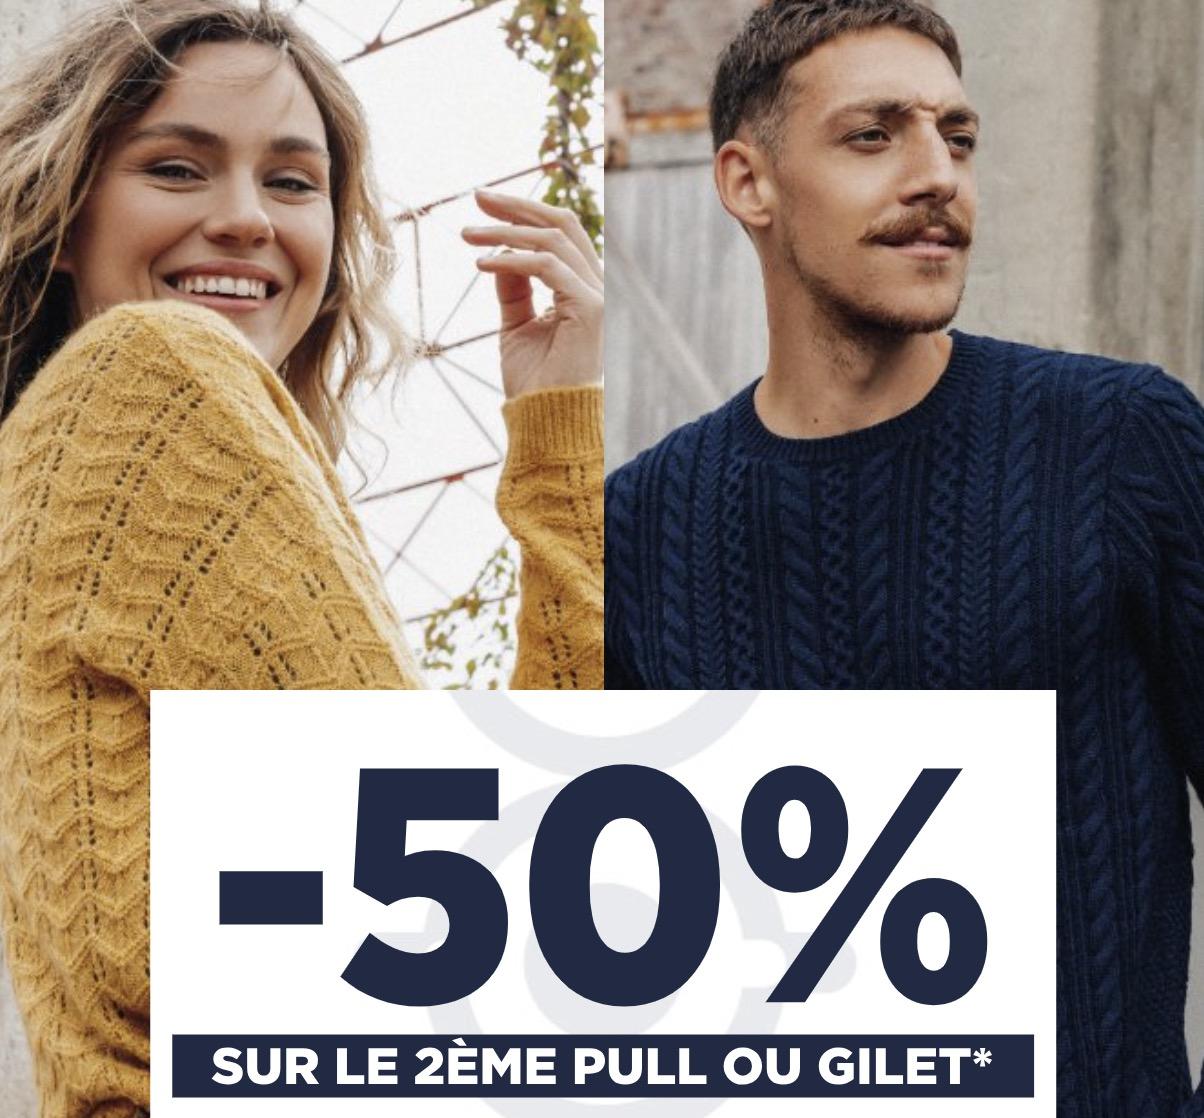 Code promo Bonobo Jeans : 1 Pull, Sweat ou Gilet Acheté = - 50% sur le 2ème